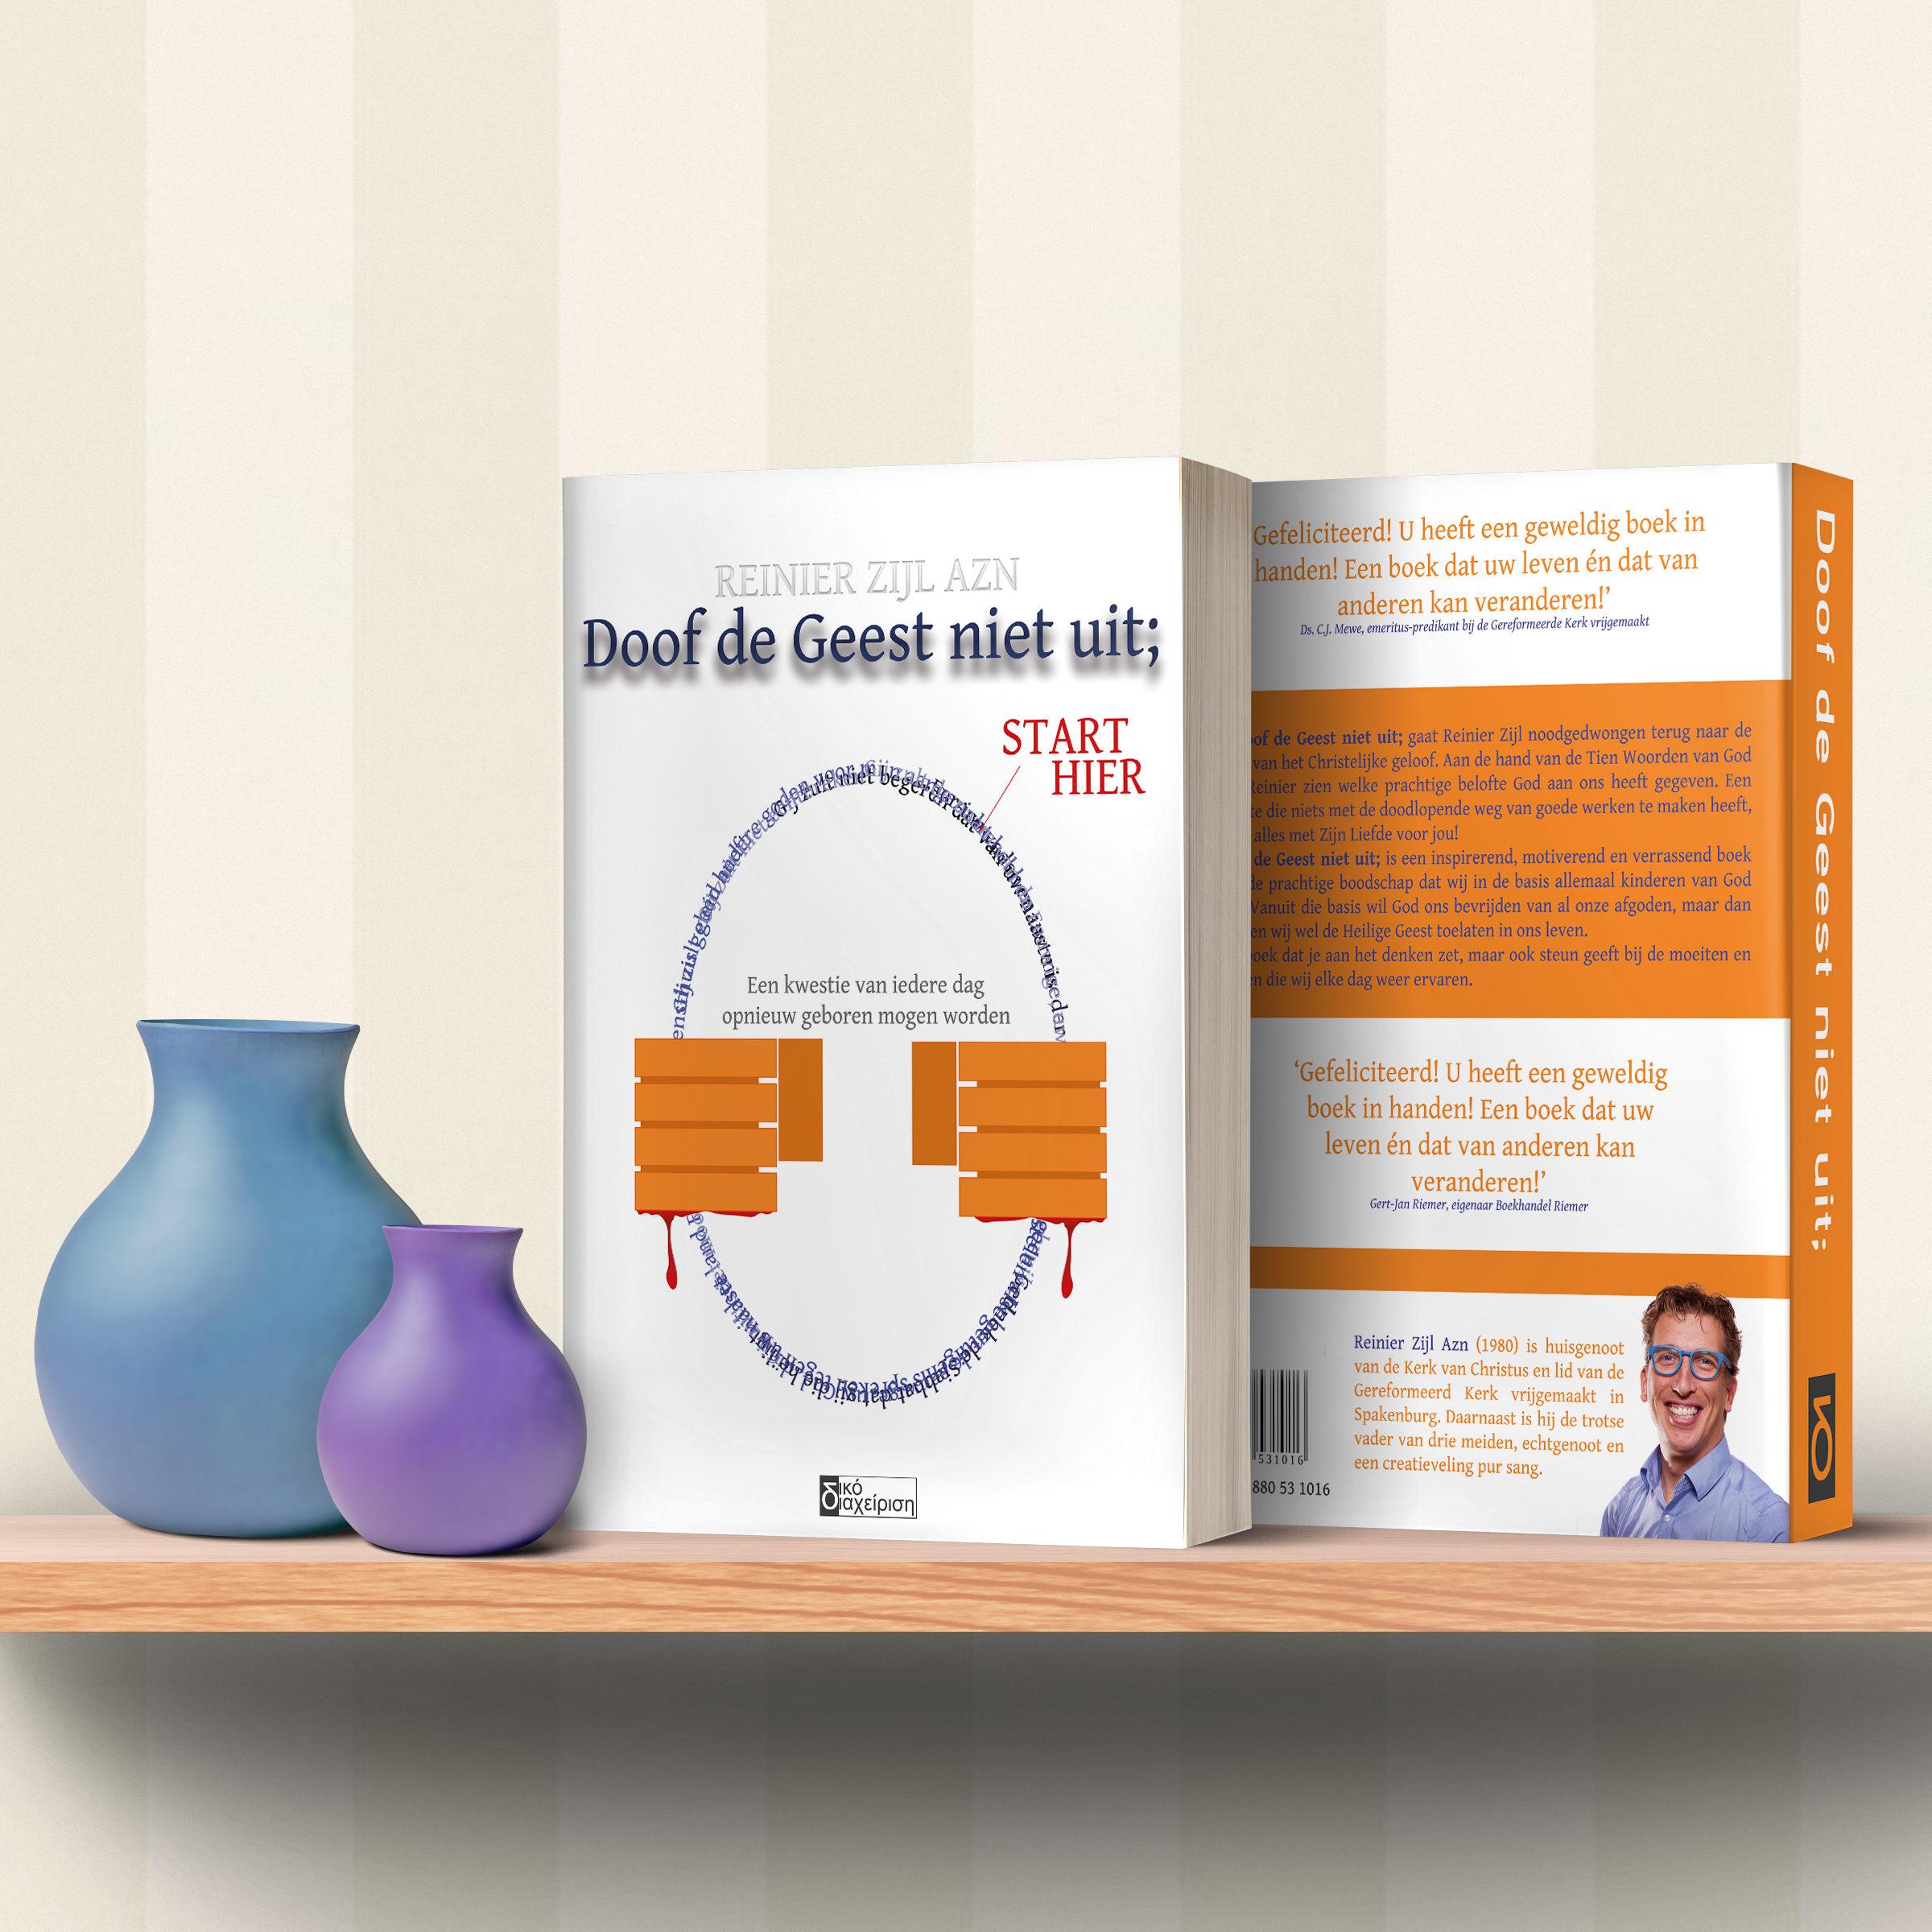 crowdfunding voor boek 'Doof de Geest niet uit;'